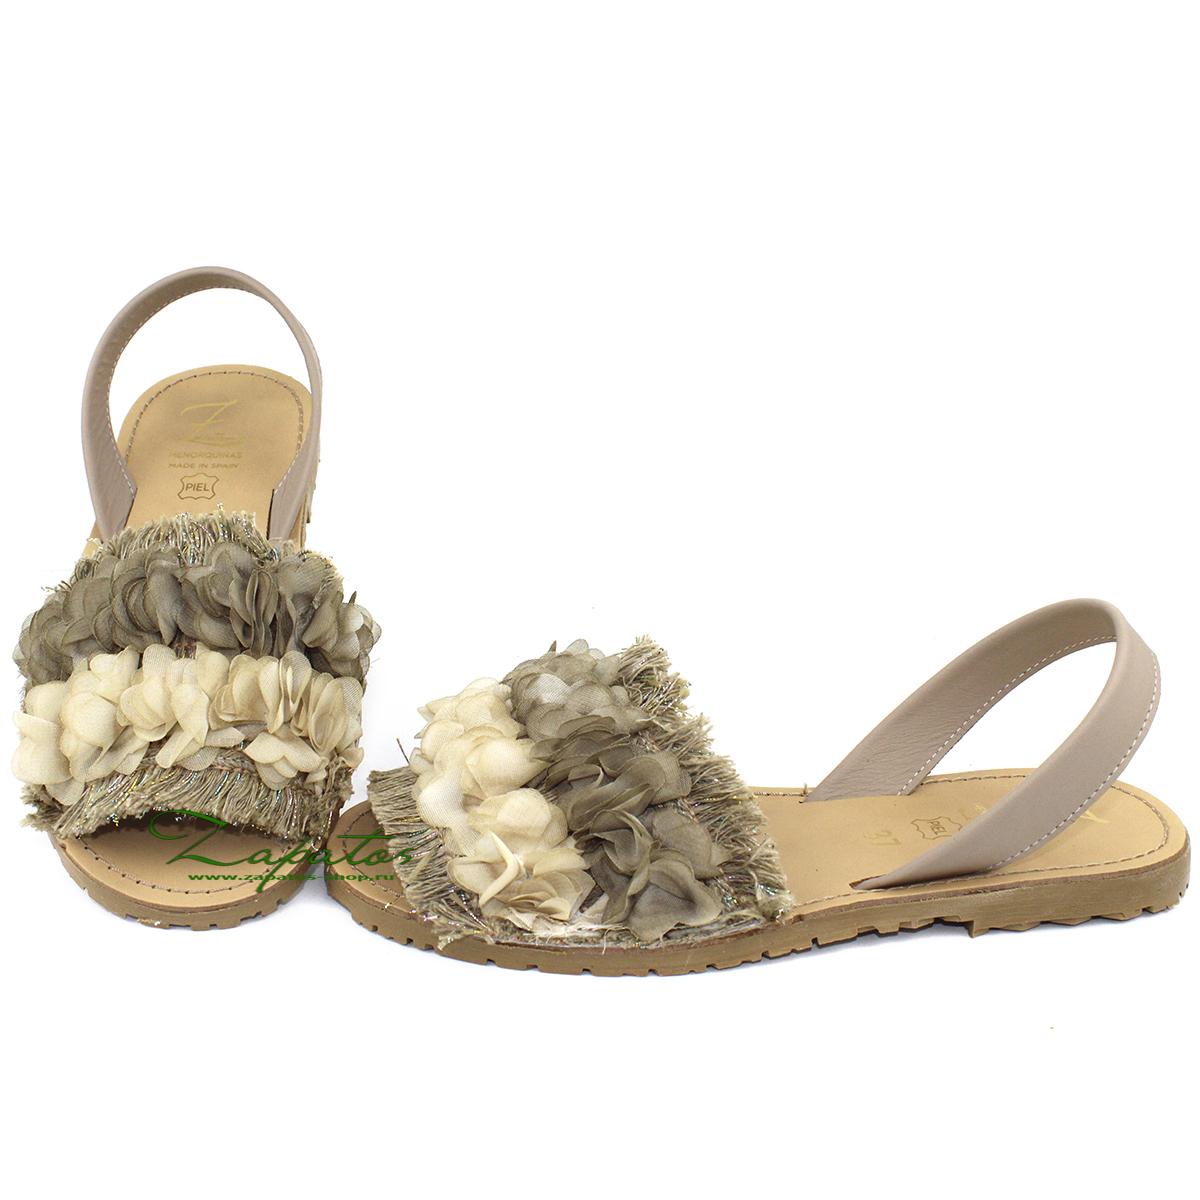 Абаркасы AB. Zapatos · 3115 ·